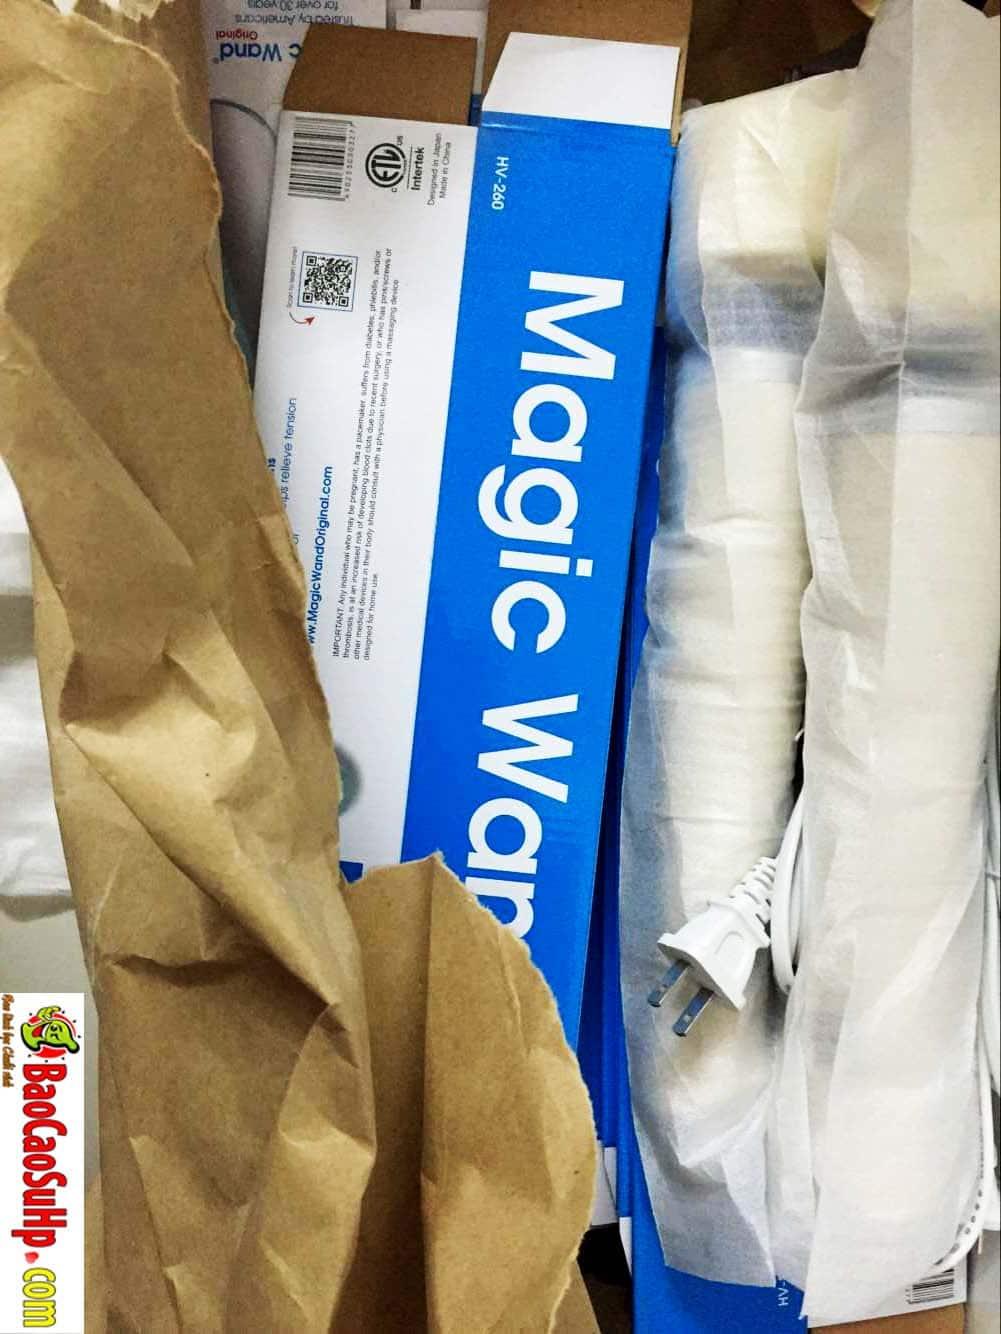 20191118102336 8026745 chay rung hitachi magic wand 4 - Chày rung Hitachi Magic Wand 60 năm chất lượng